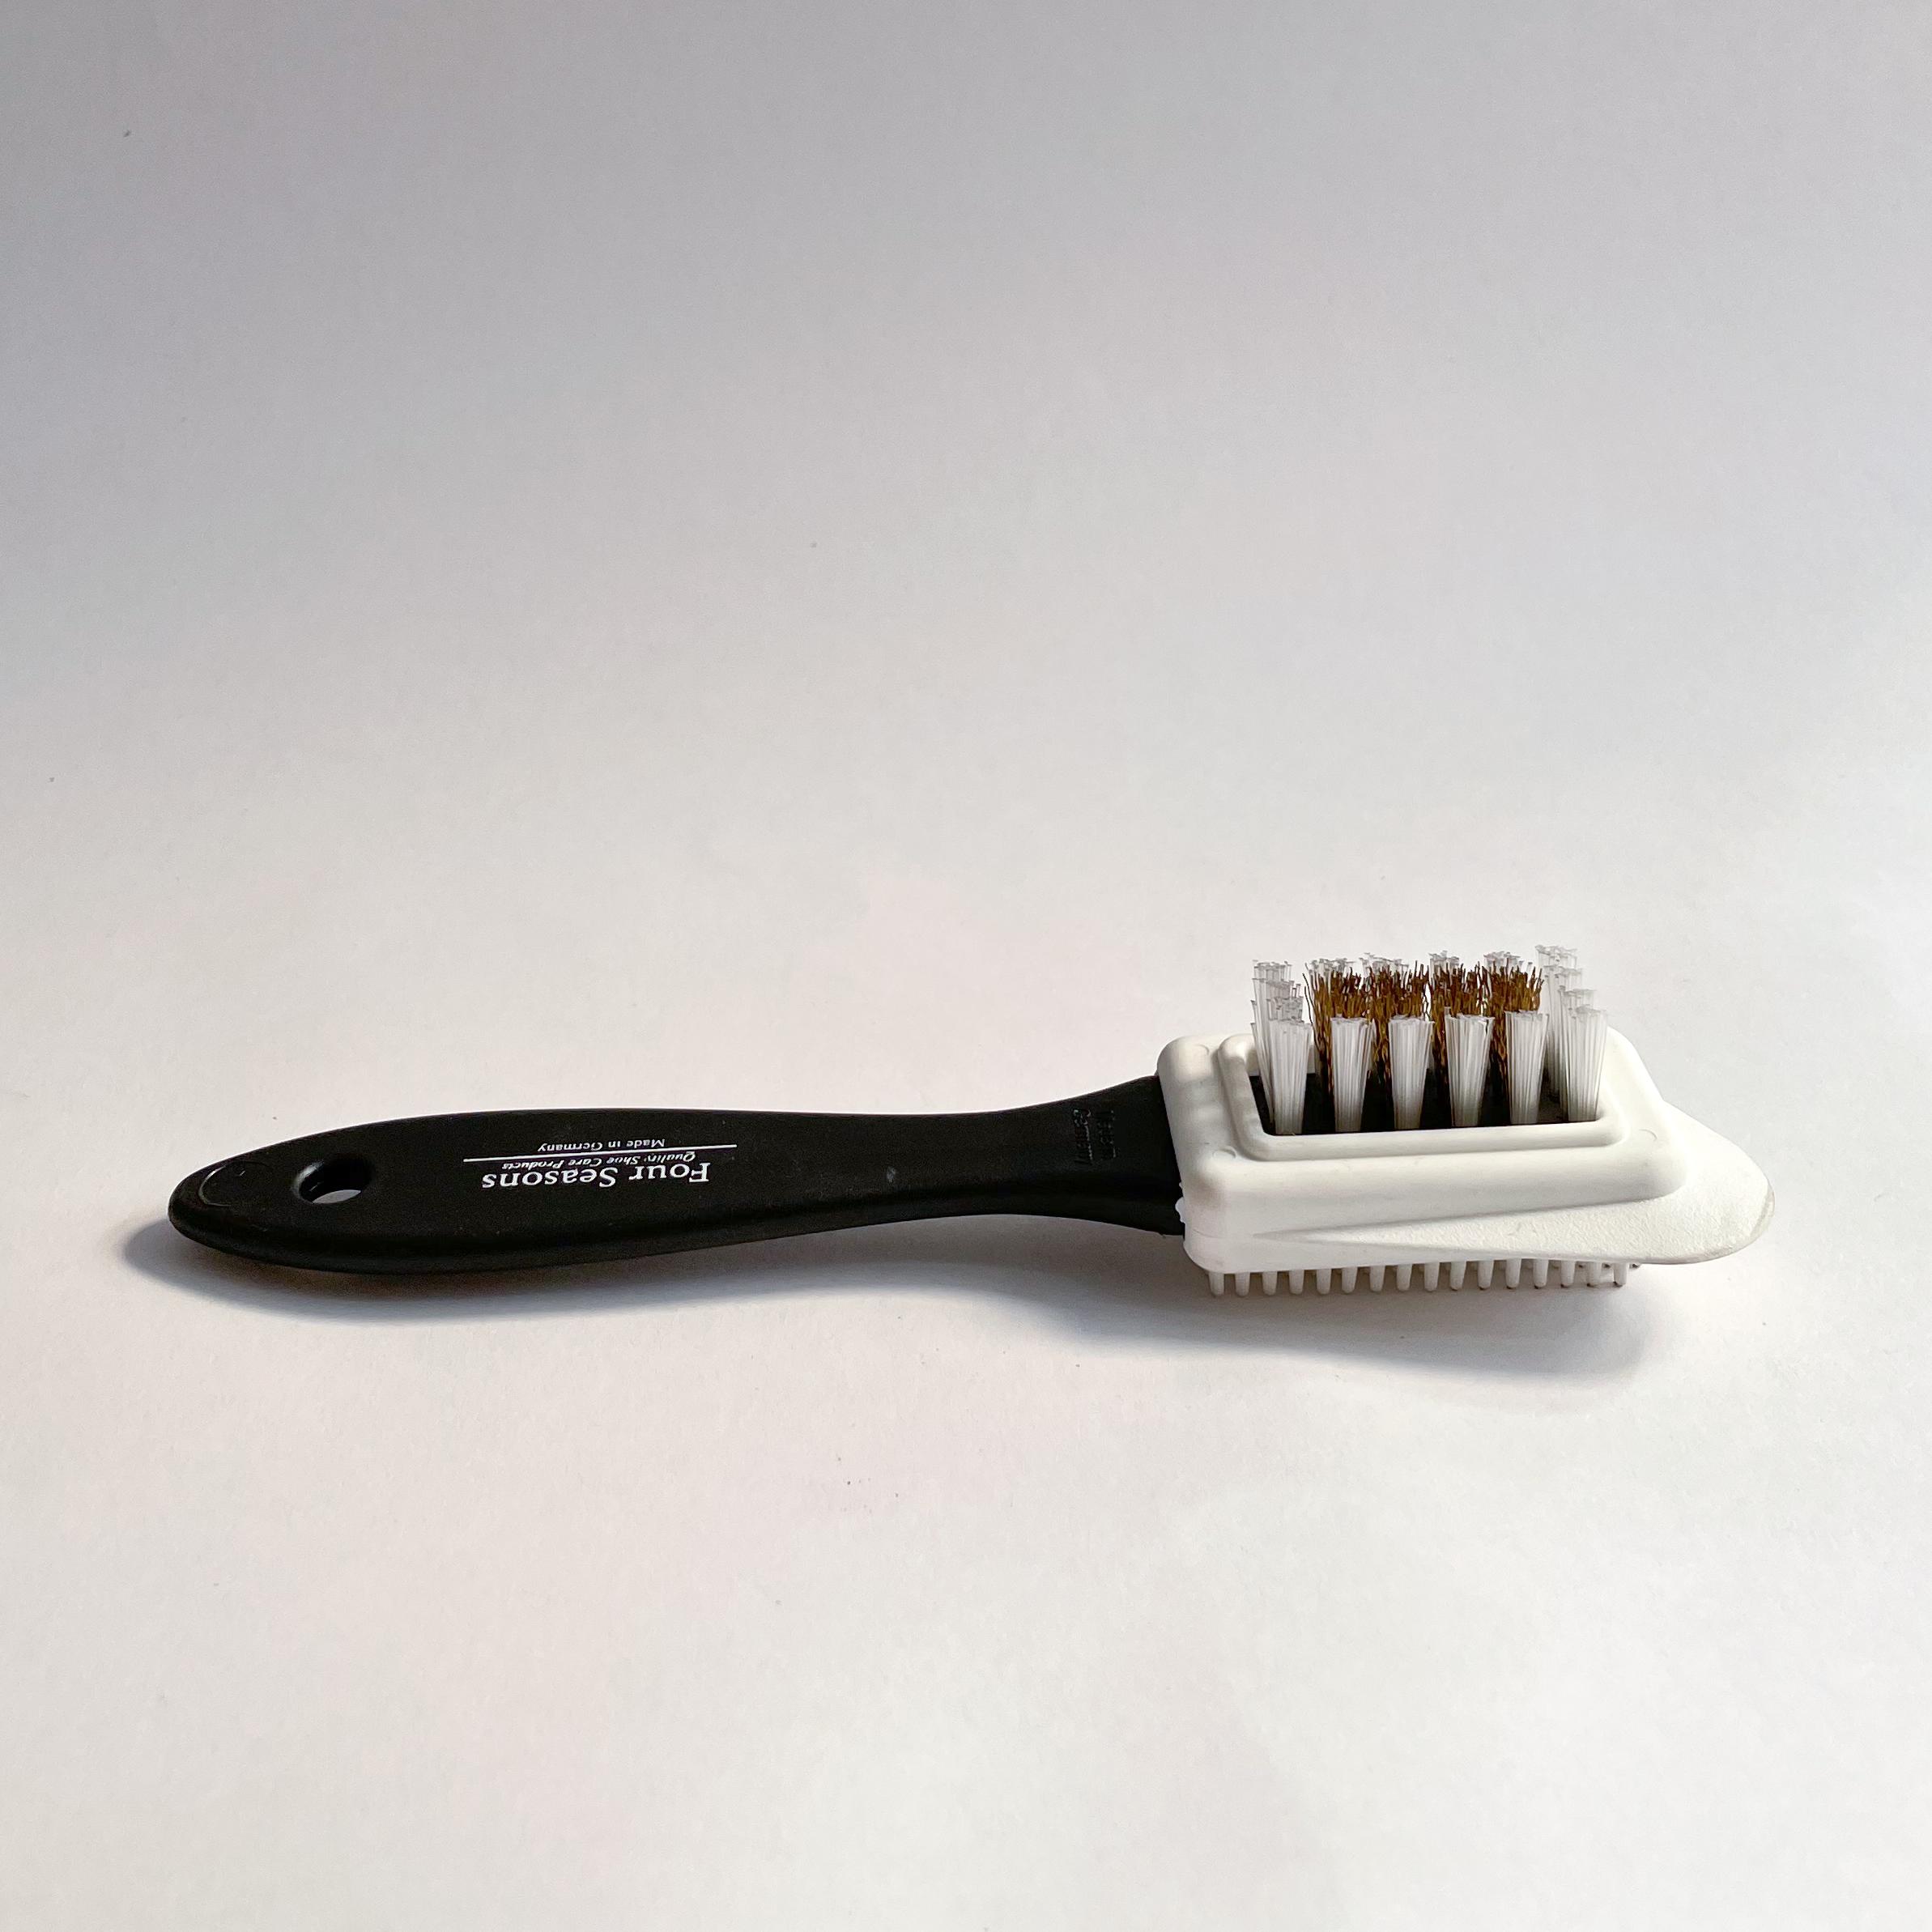 A single Suede Combi Brush